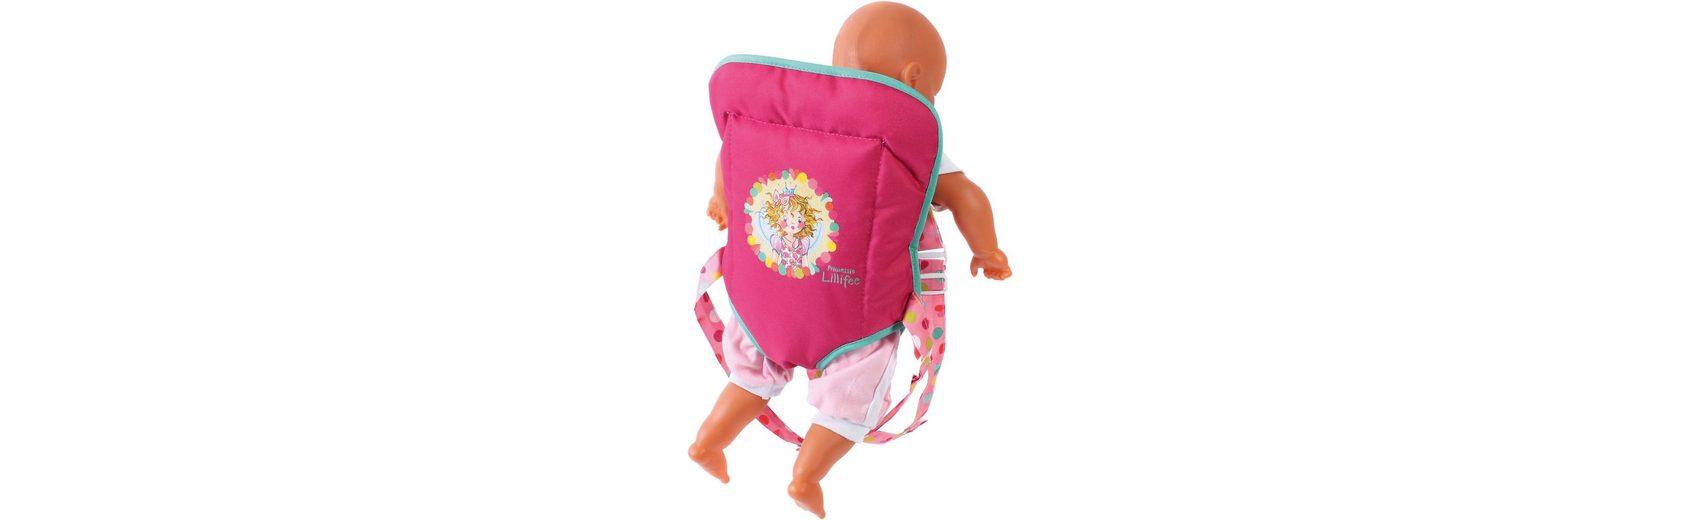 CHIC 2000 Prinzessin Lillifee Puppen-Tragegurt